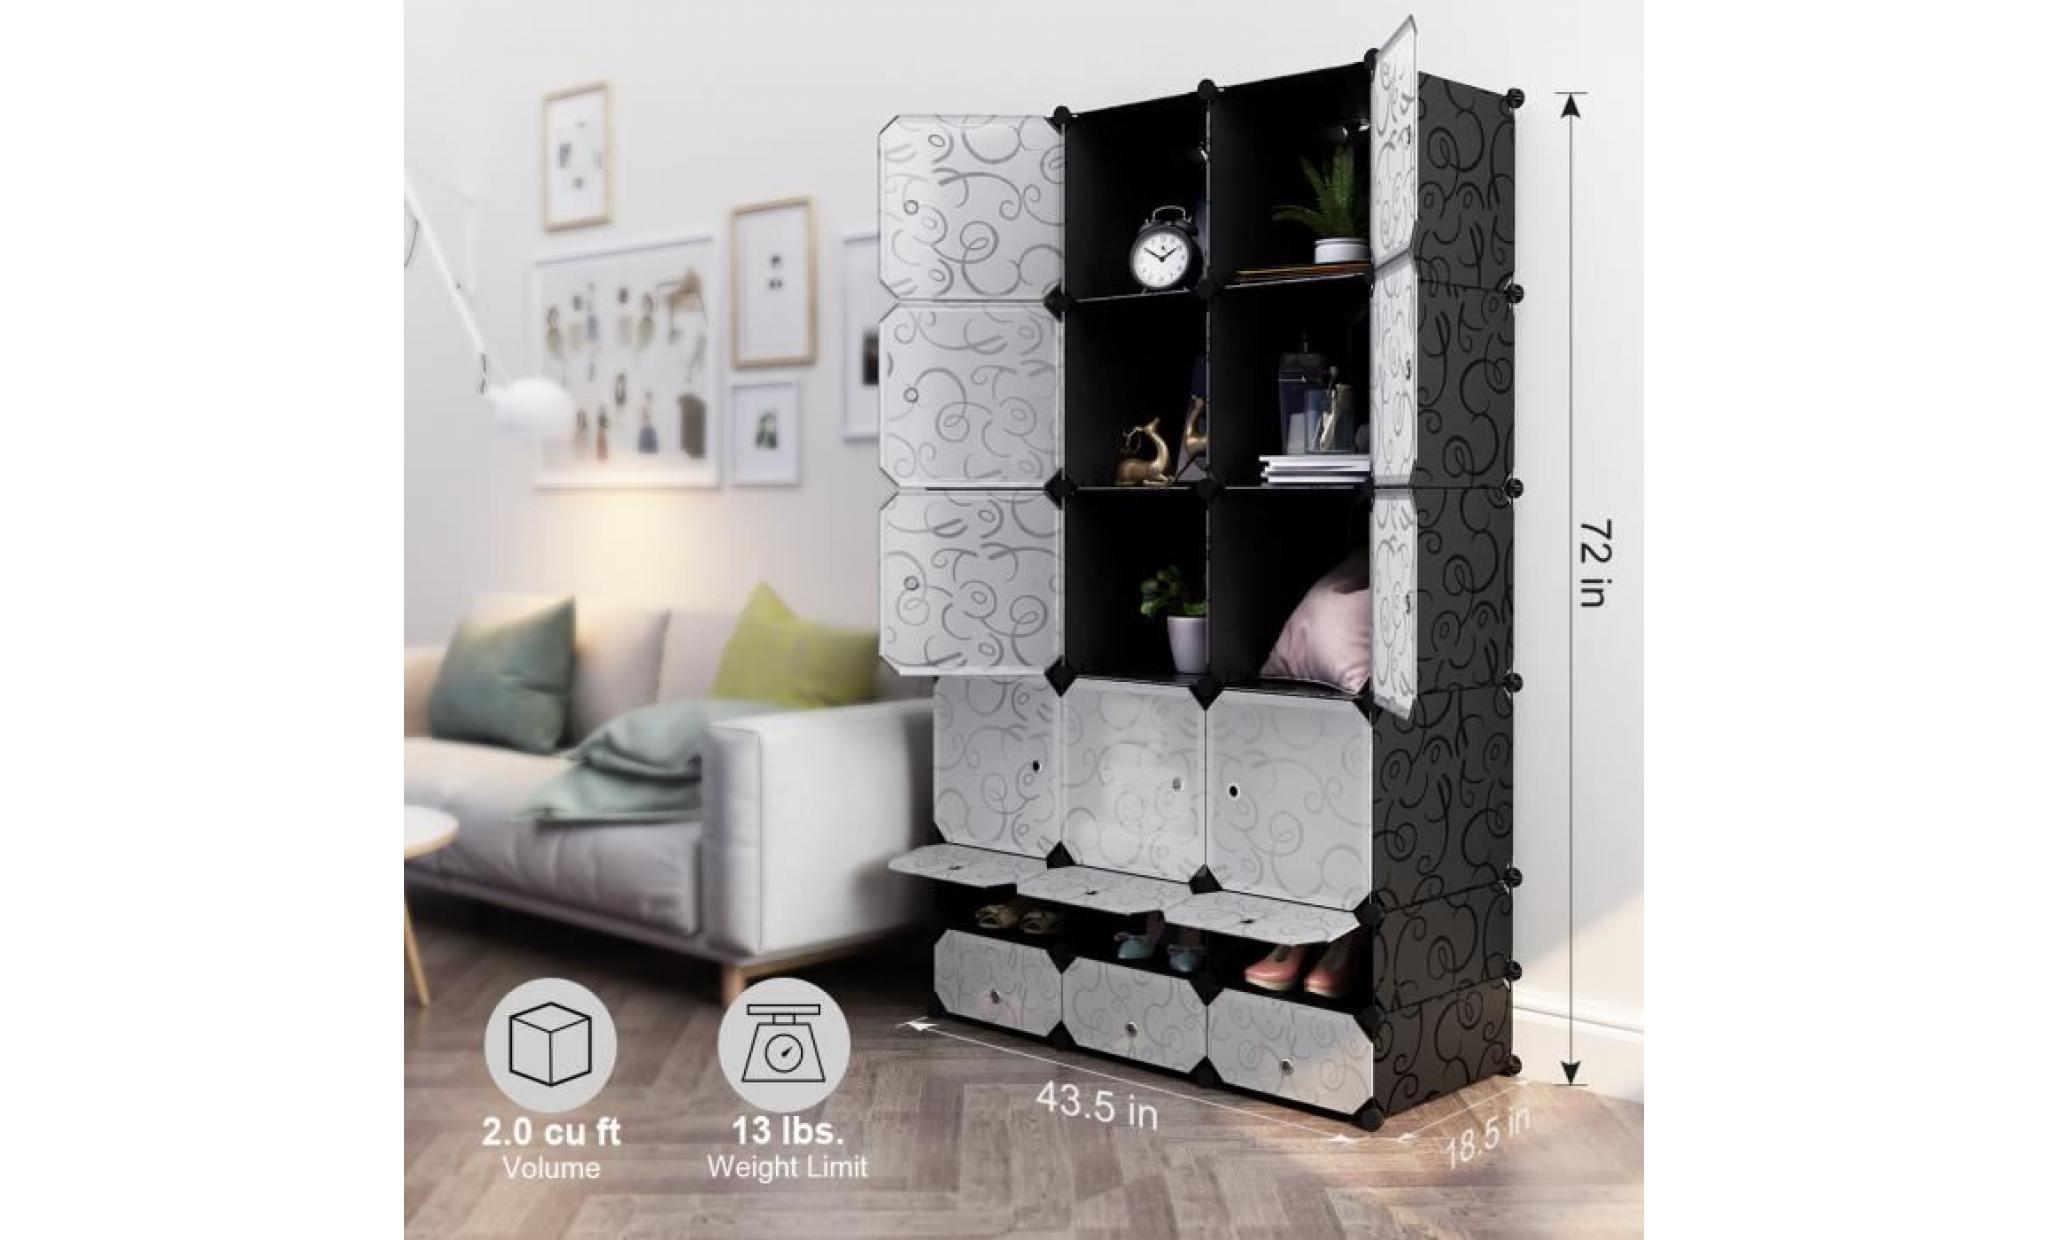 armoire langria 18 cube curly motif noir interlocking modulaire organisateur de rangement portes blancs translucides achat vente armoire pas cher couleur et design fr